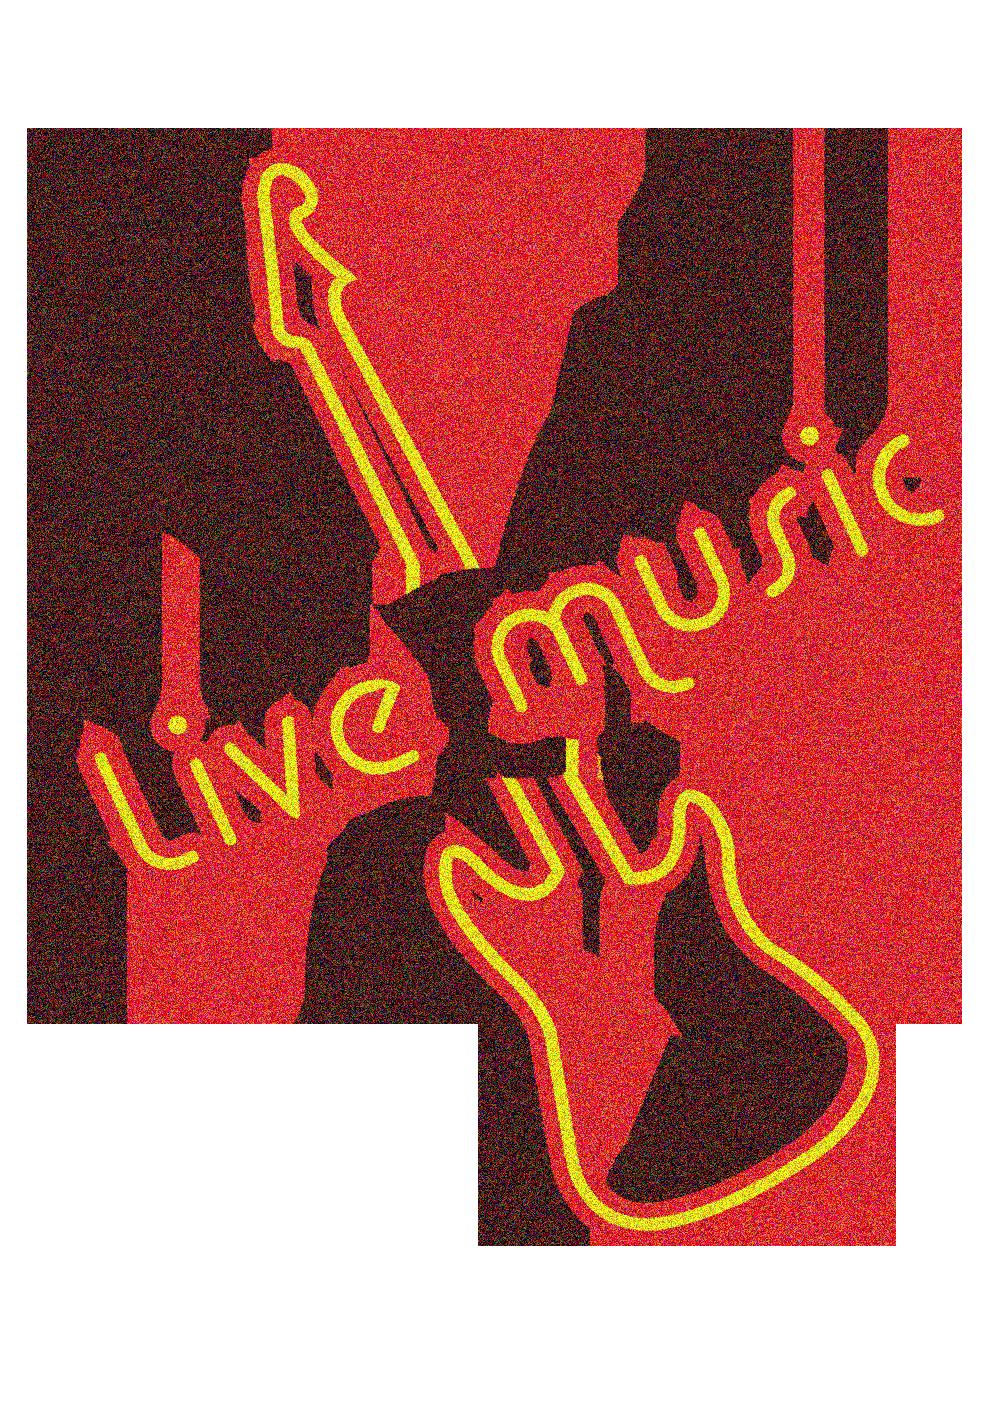 Music clipart live entertainment, Music live entertainment.